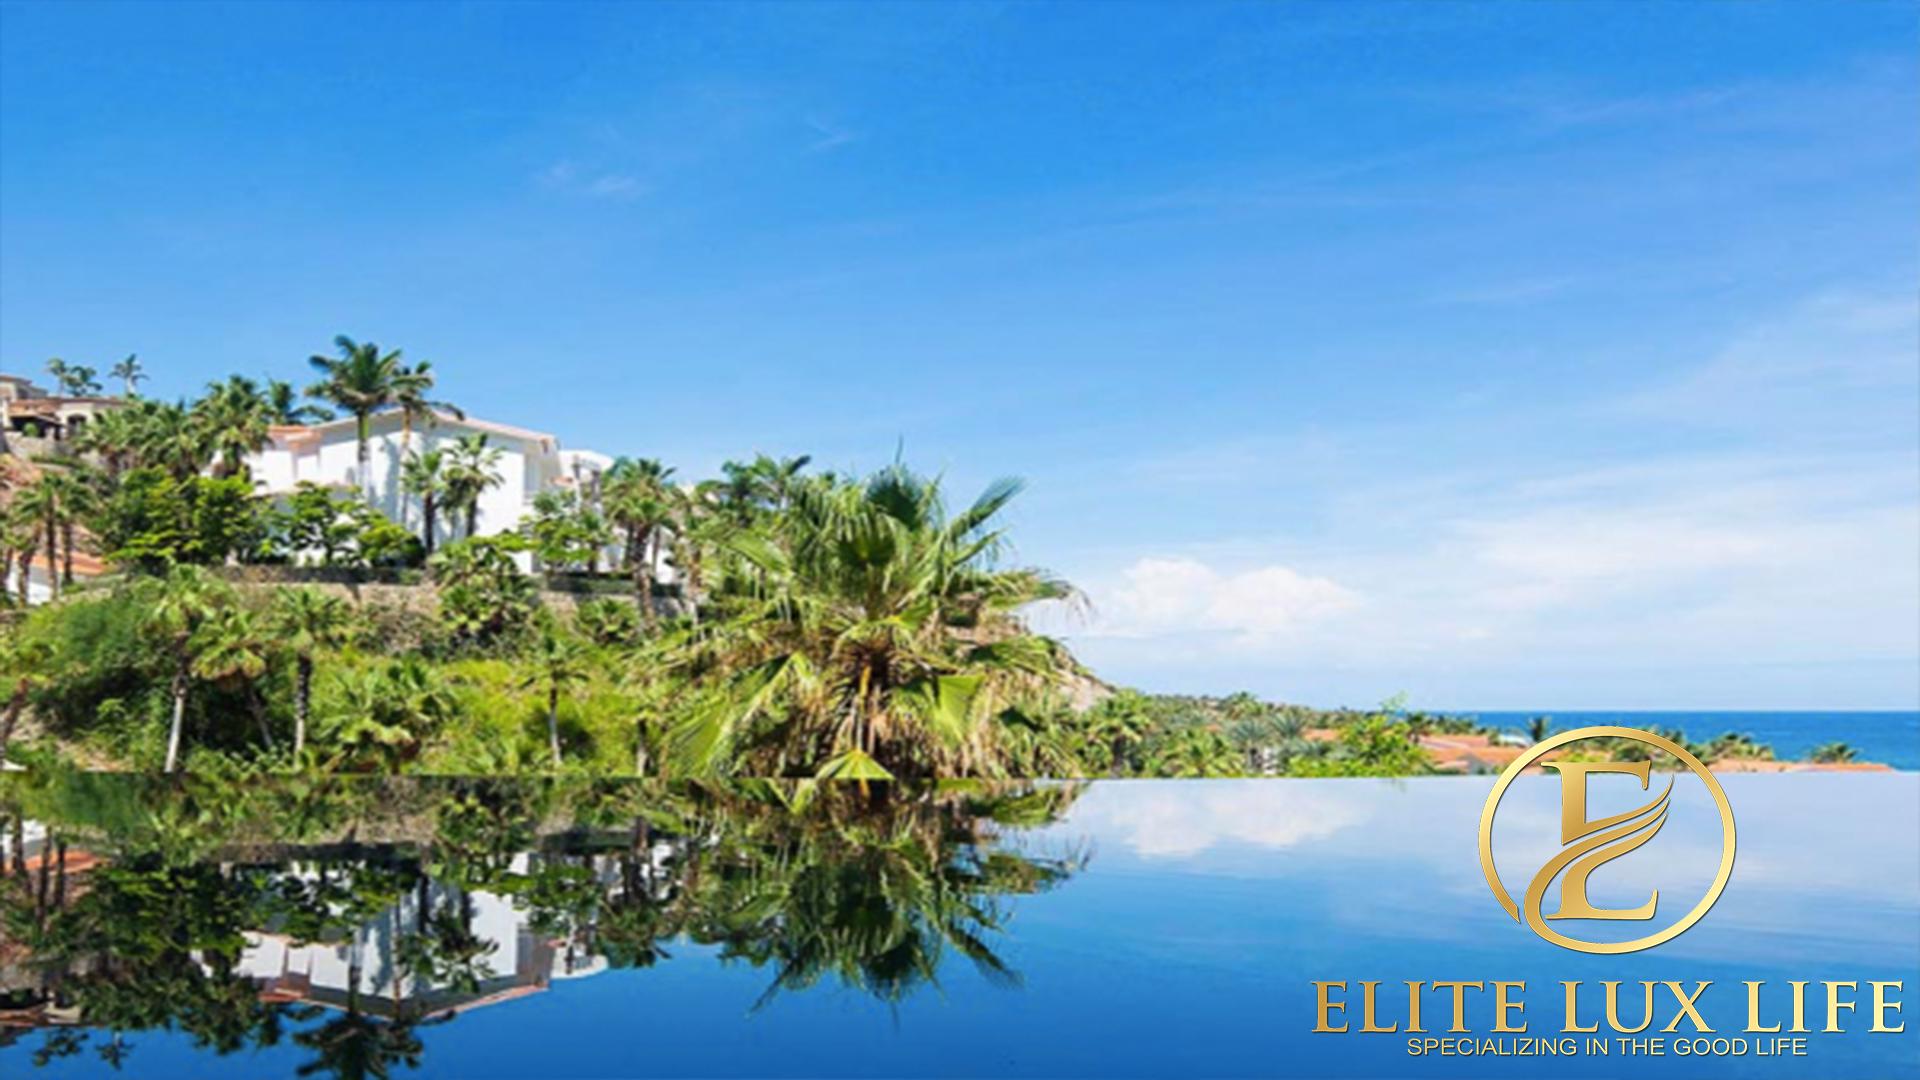 Elite Villa de la Vida 24